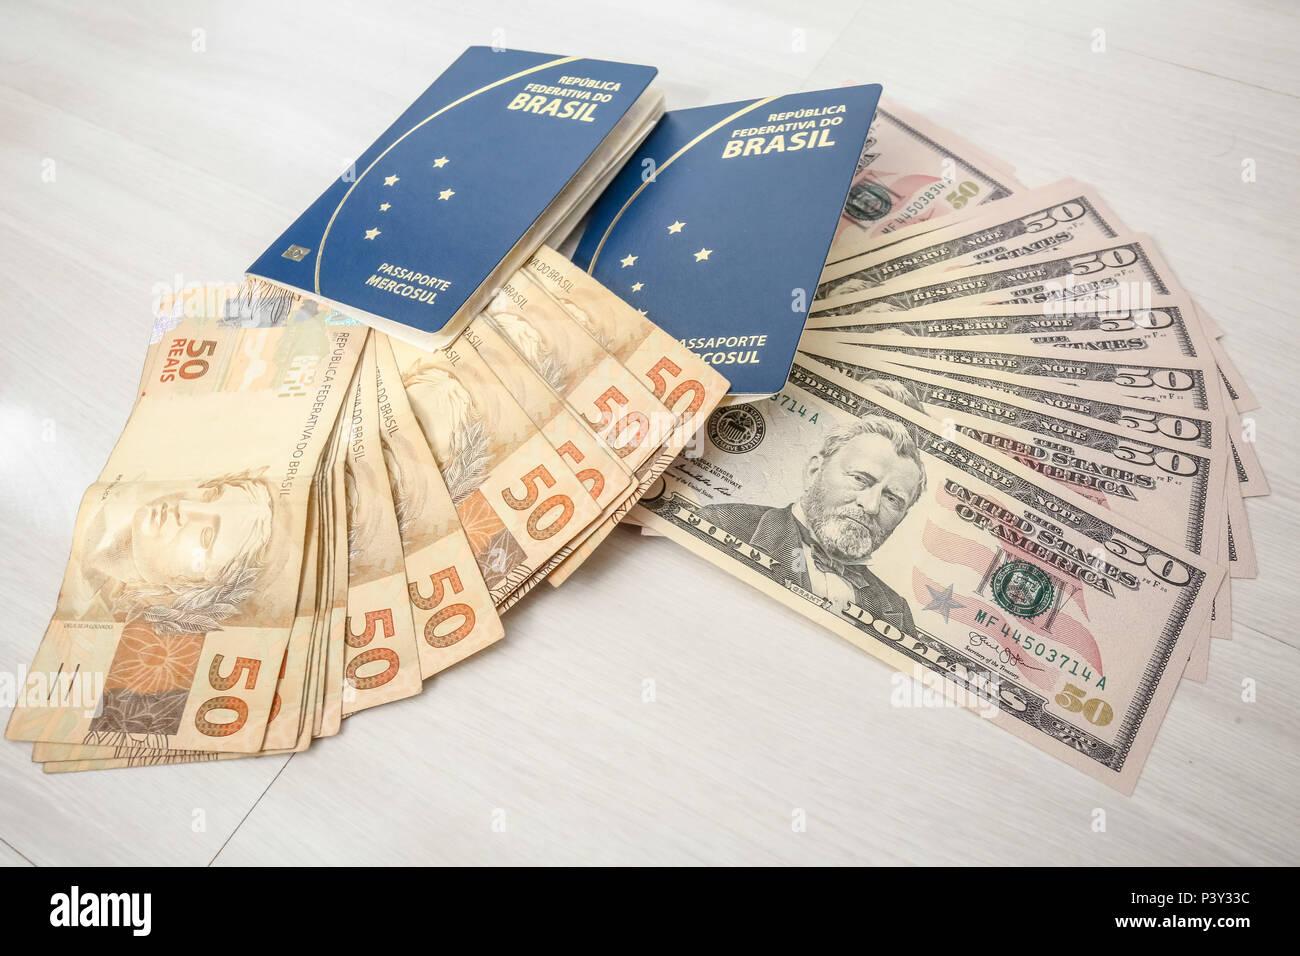 Dólar ao lado de passaporte. O dólar americano é a moeda emitida pelos Estados Unidos e tem sua emissão controlada pela Reserva Federal daquele país. O dólar é usado tanto em reservas internacionais como em livre circulação. Stock Photo